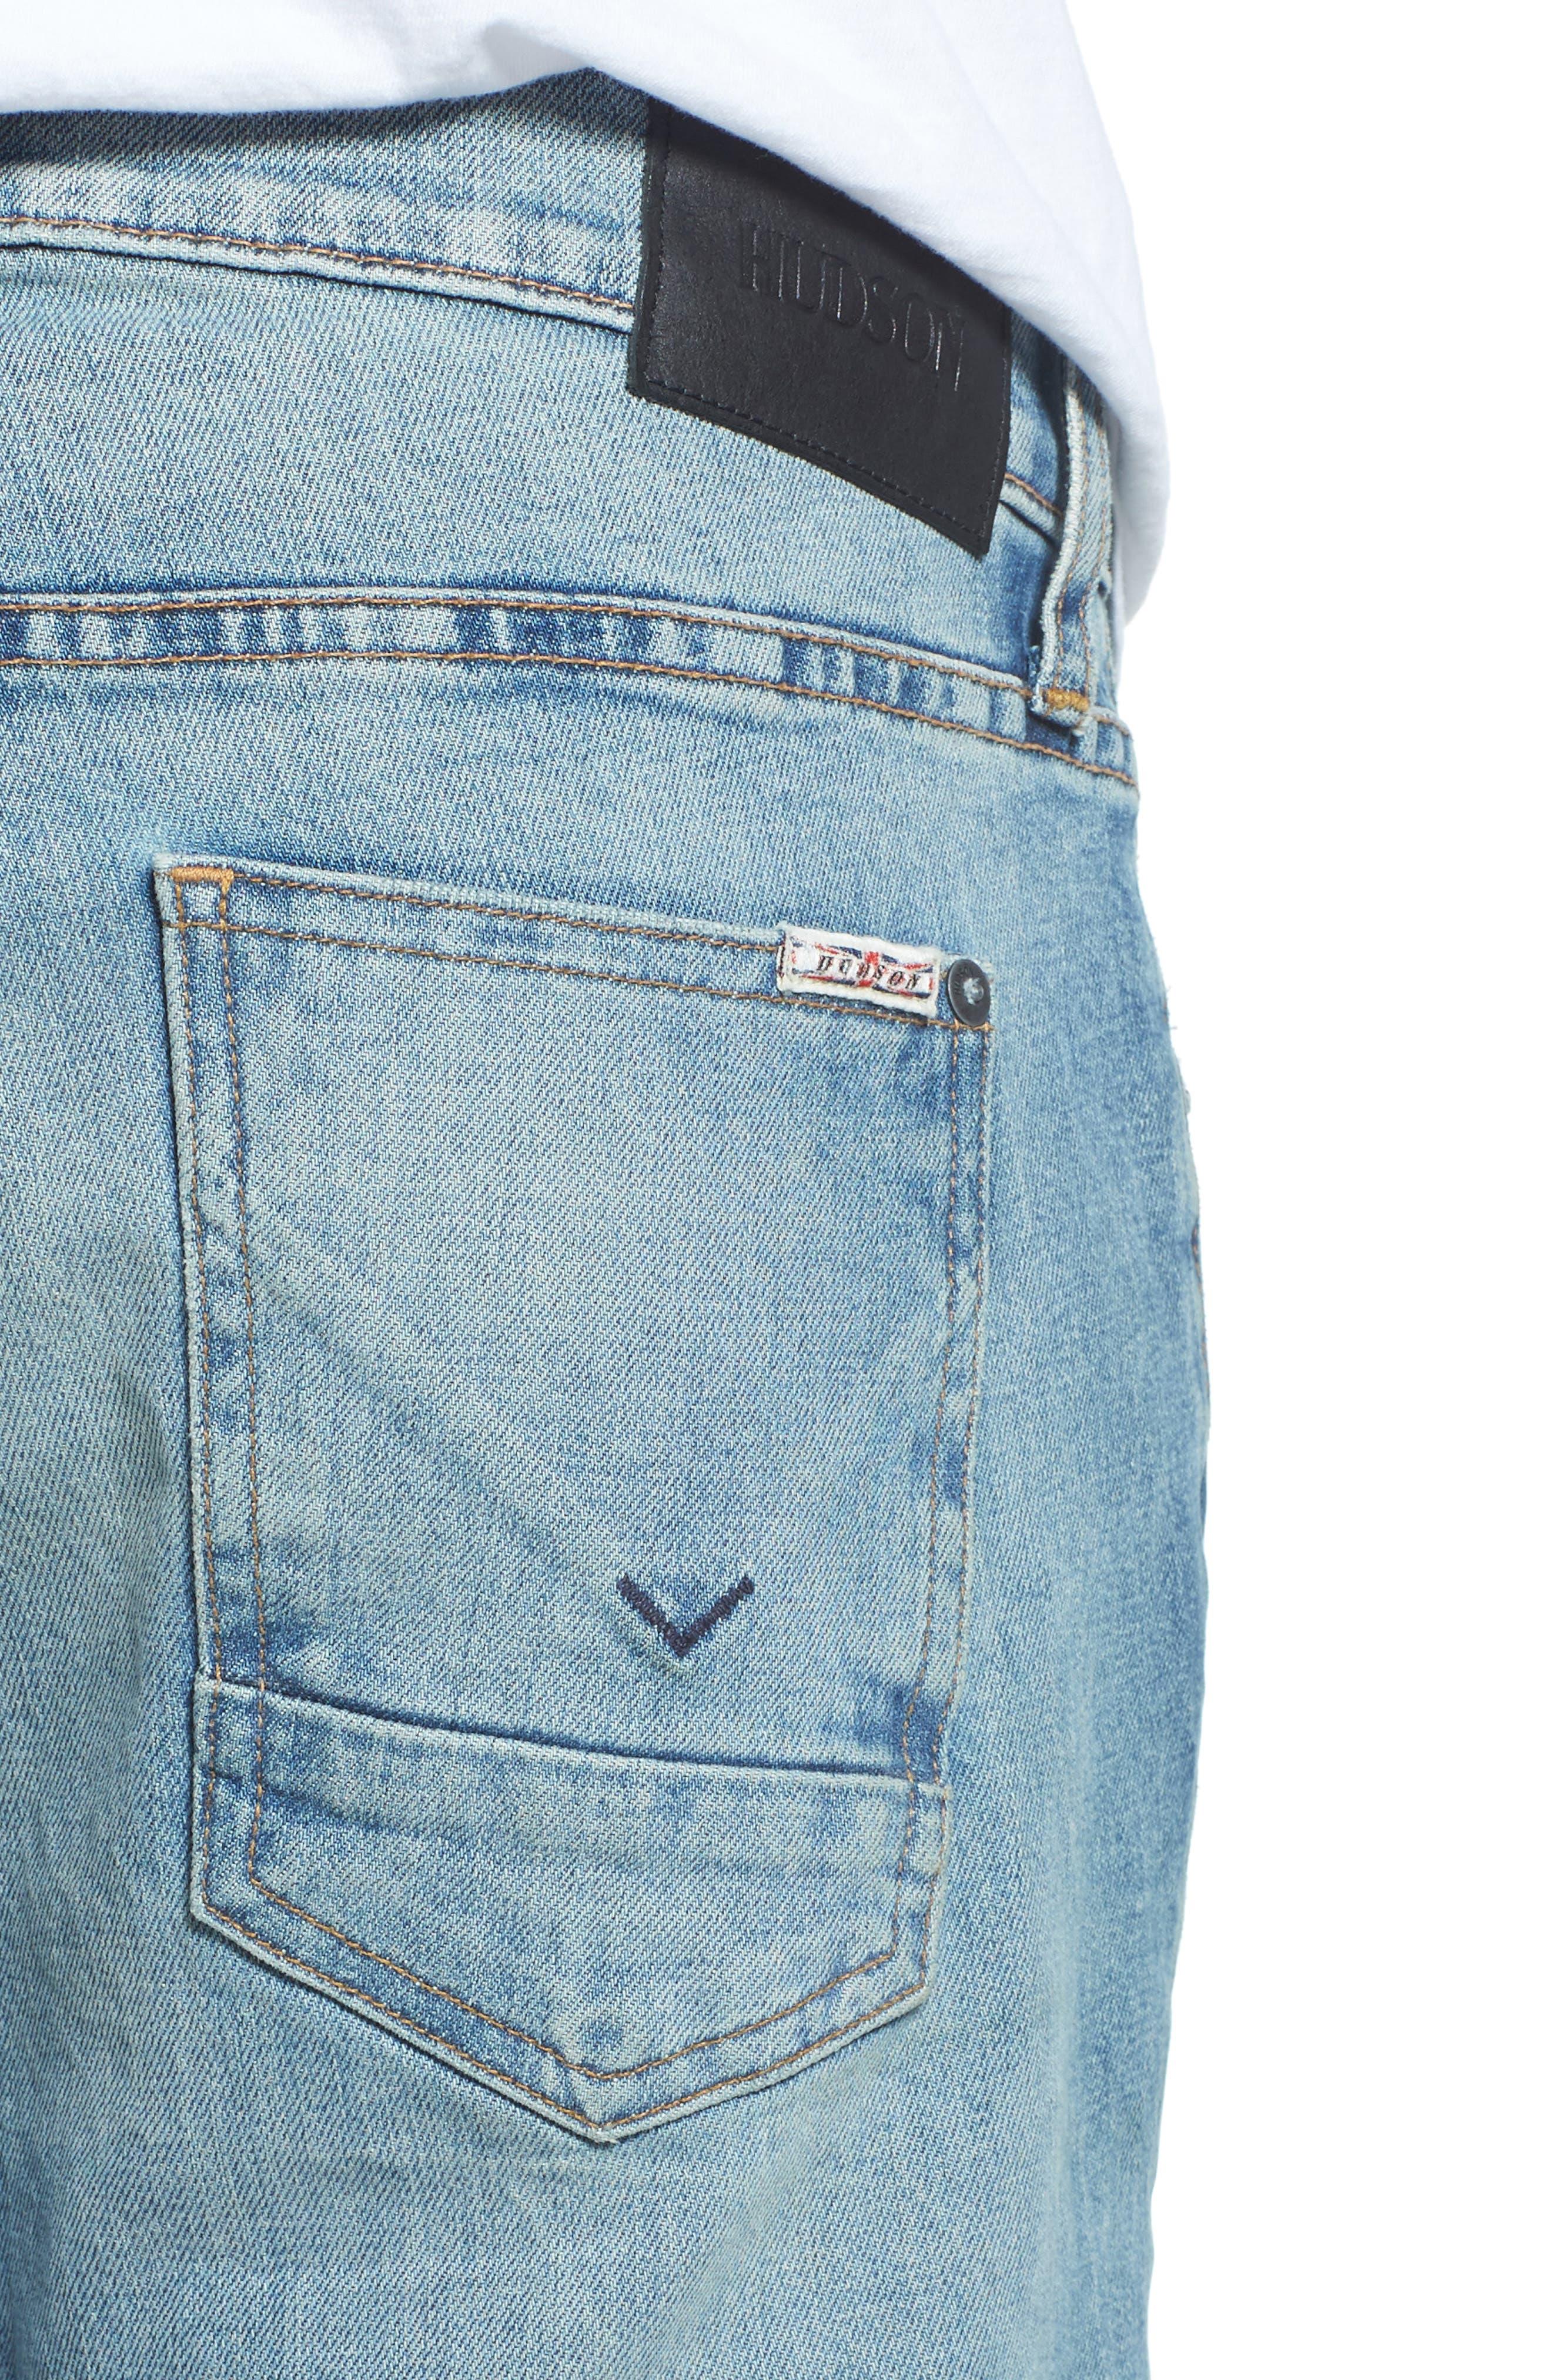 Alternate Image 4  - Hudson Jeans Blinder Biker Skinny Fit Jeans